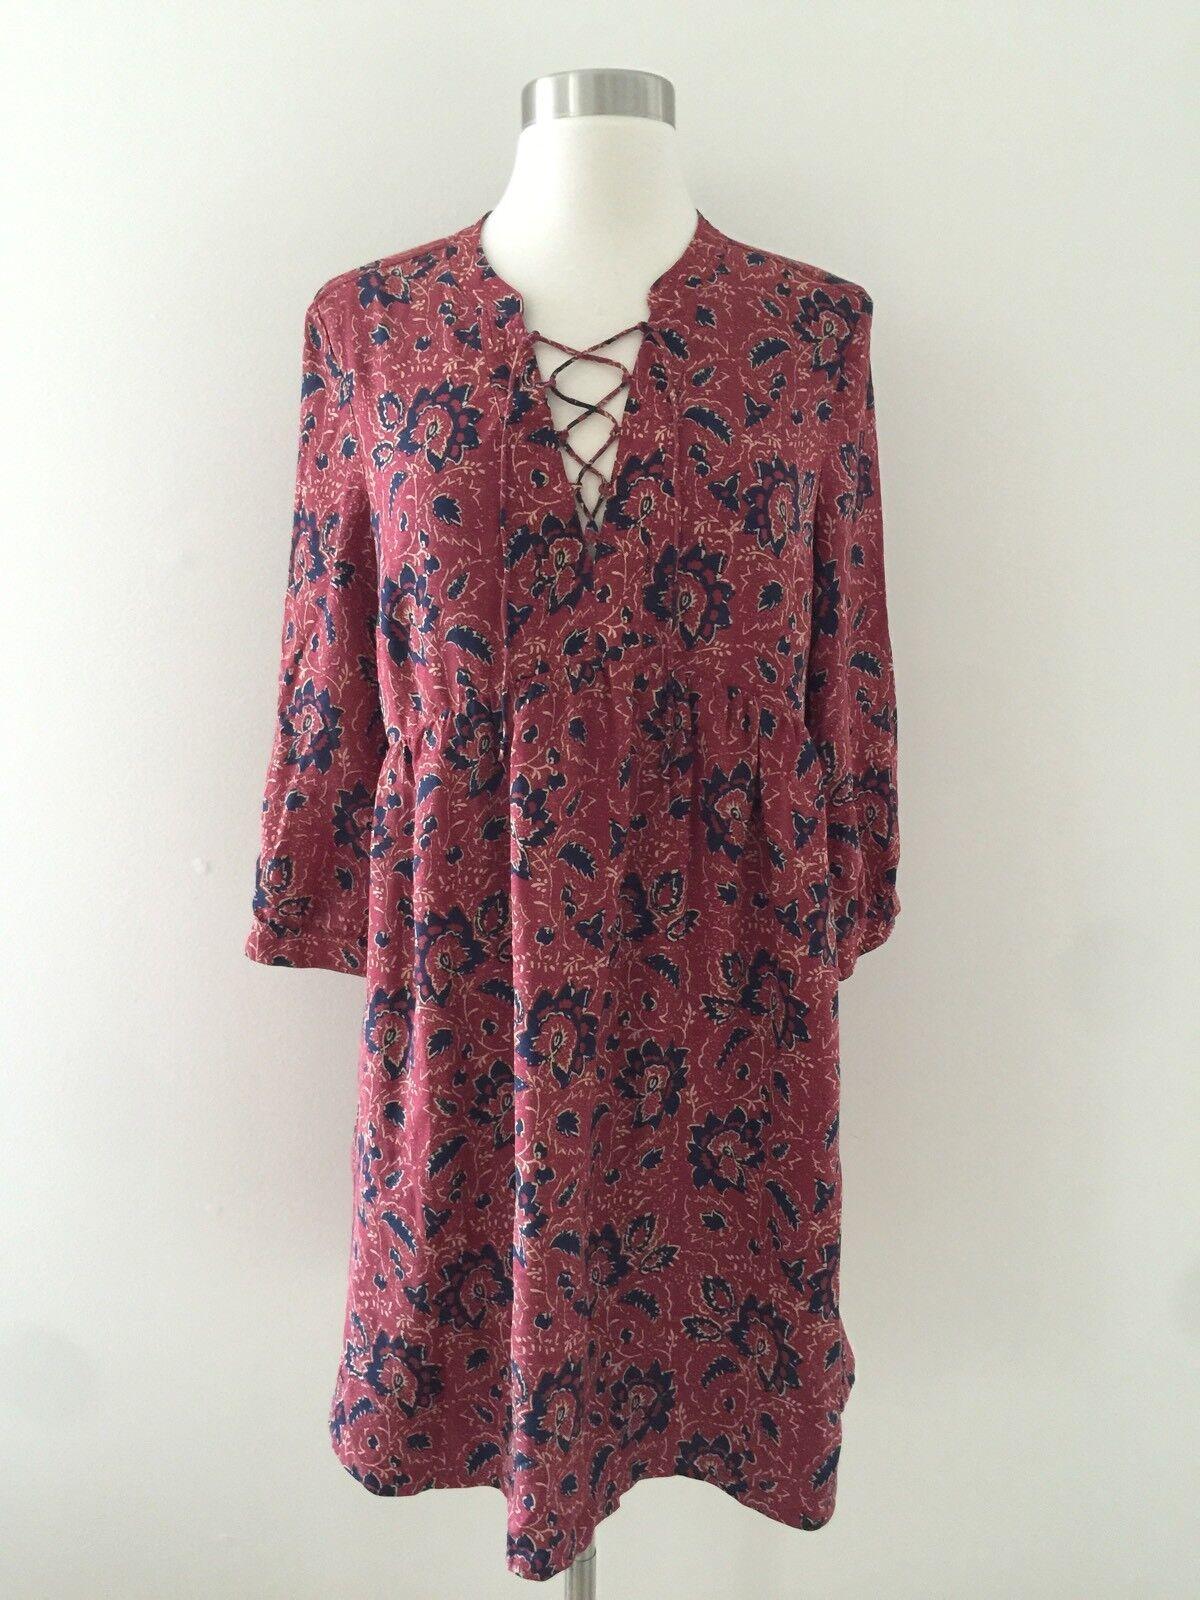 New MADEWELL silk lace-up dress in assam assam assam floral G3054 Small Red bluee 8a1551